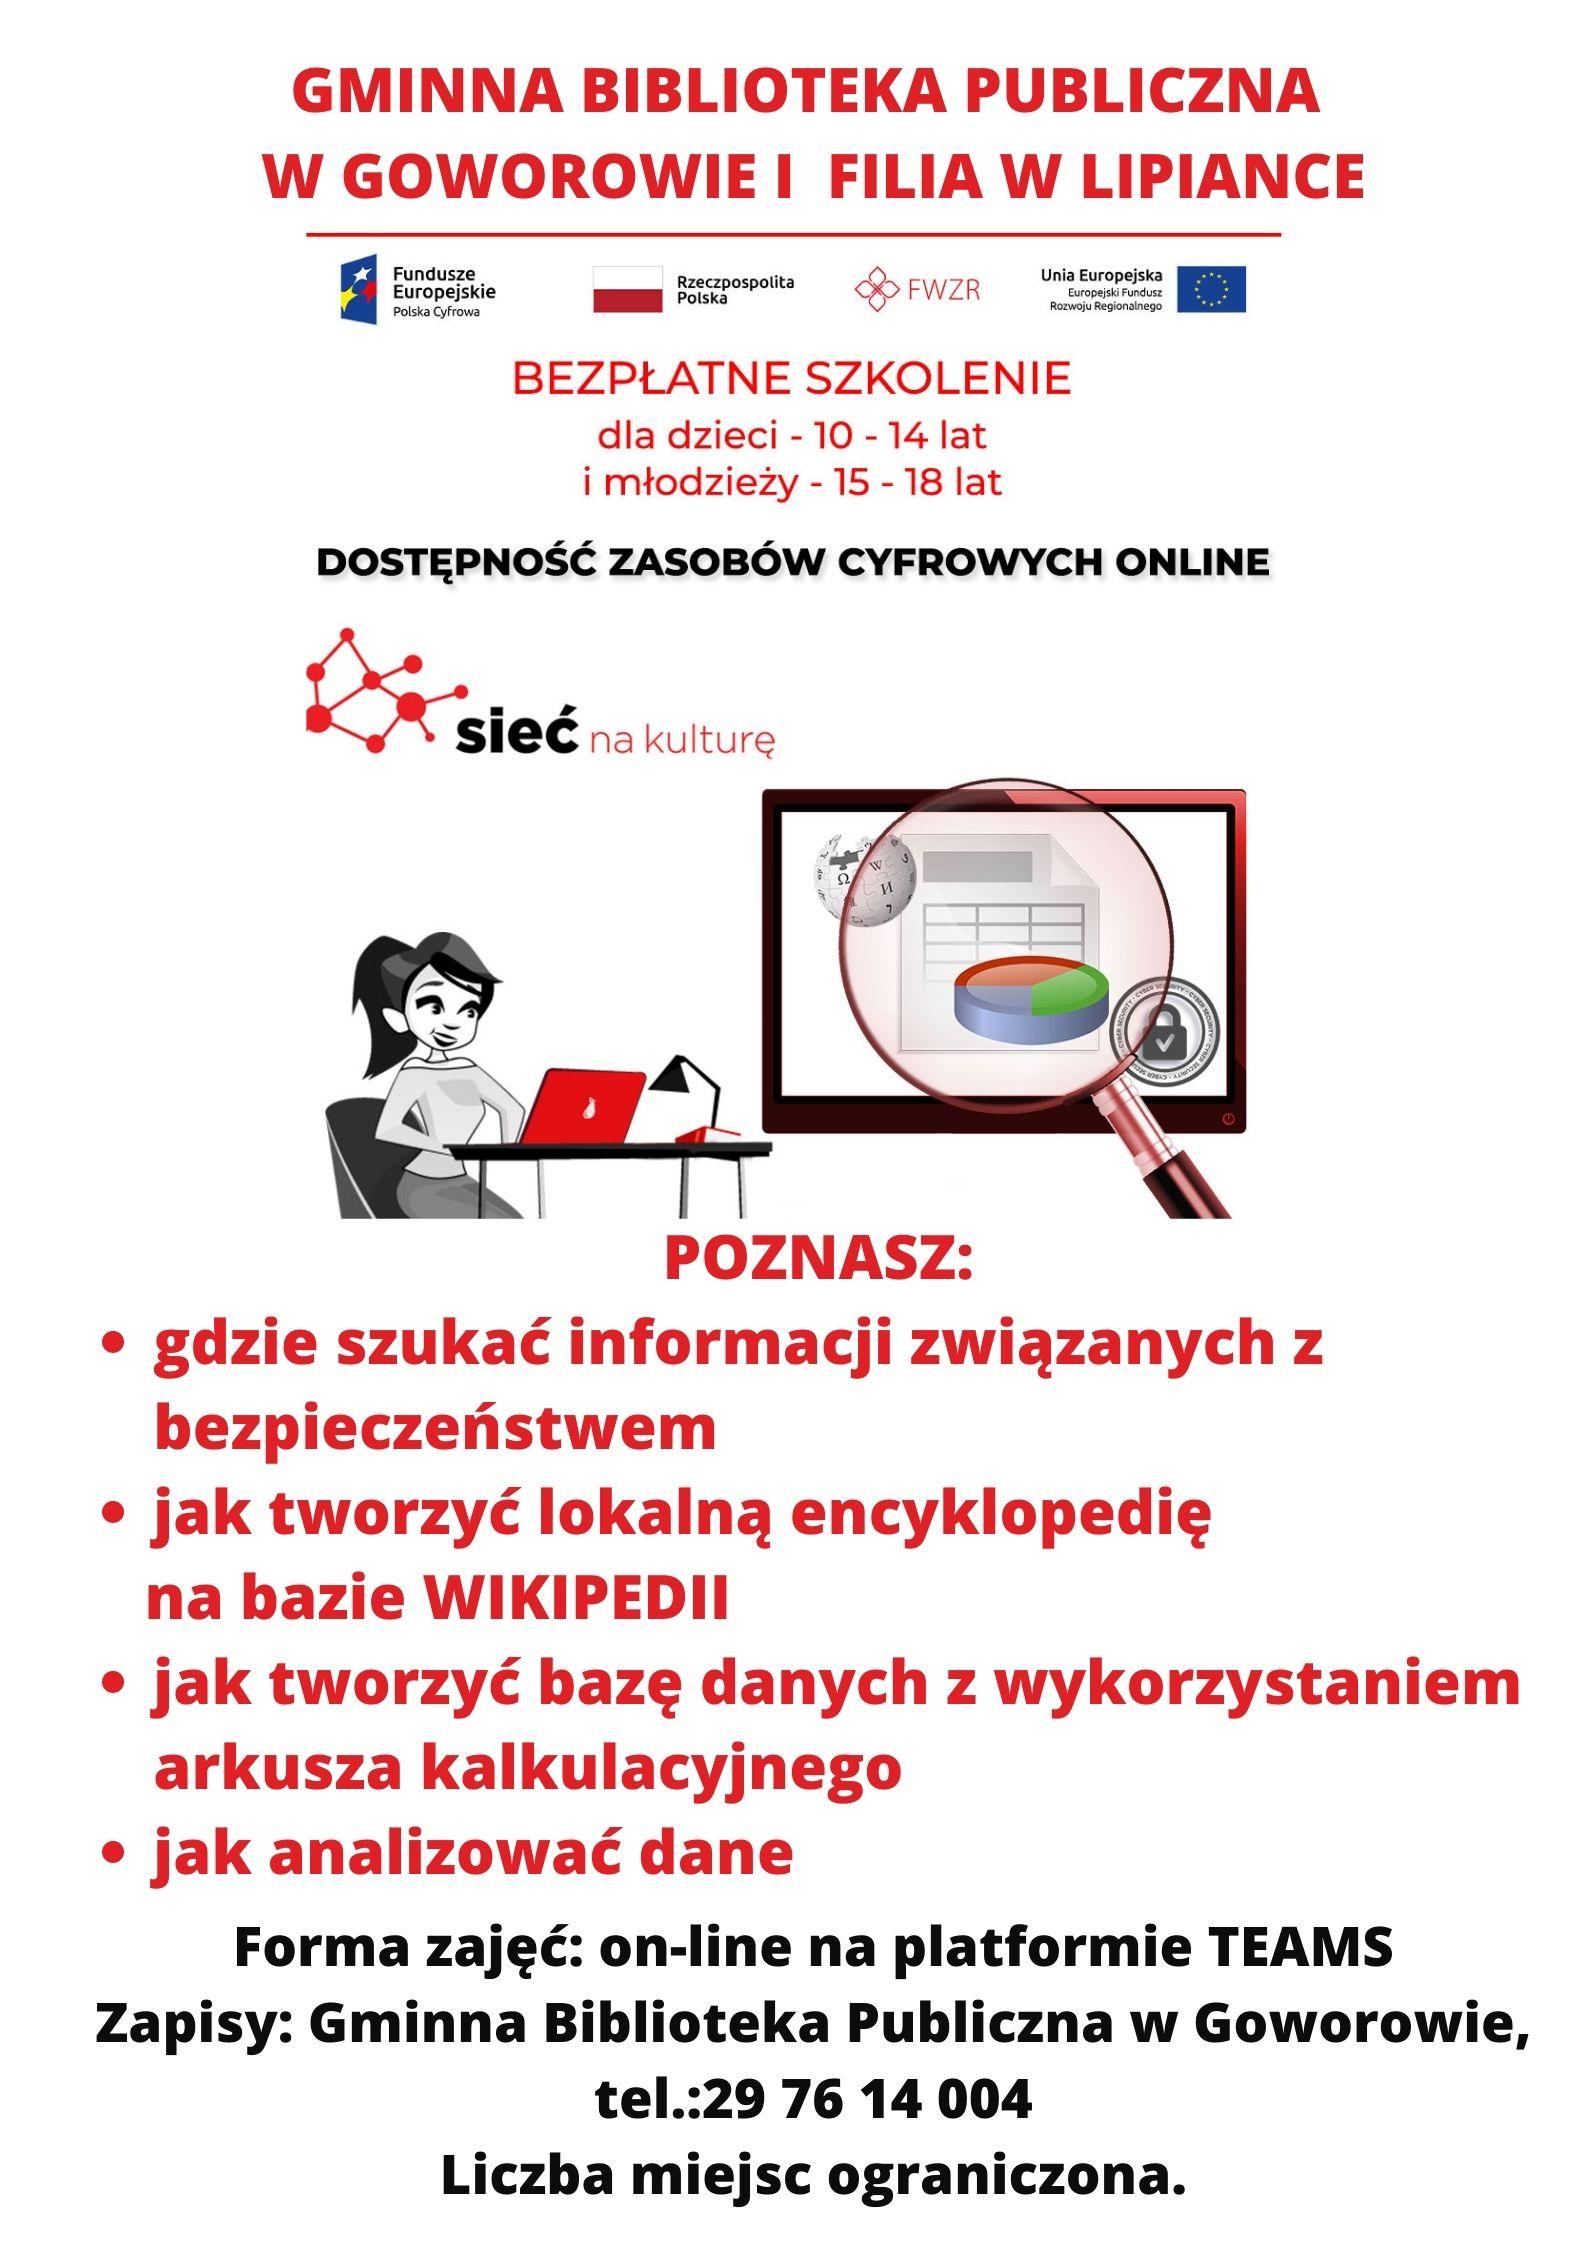 Plakat - szkolenie bezpłatne dla dzieci i młodzieży Dostepność zasobów cyfrowych online